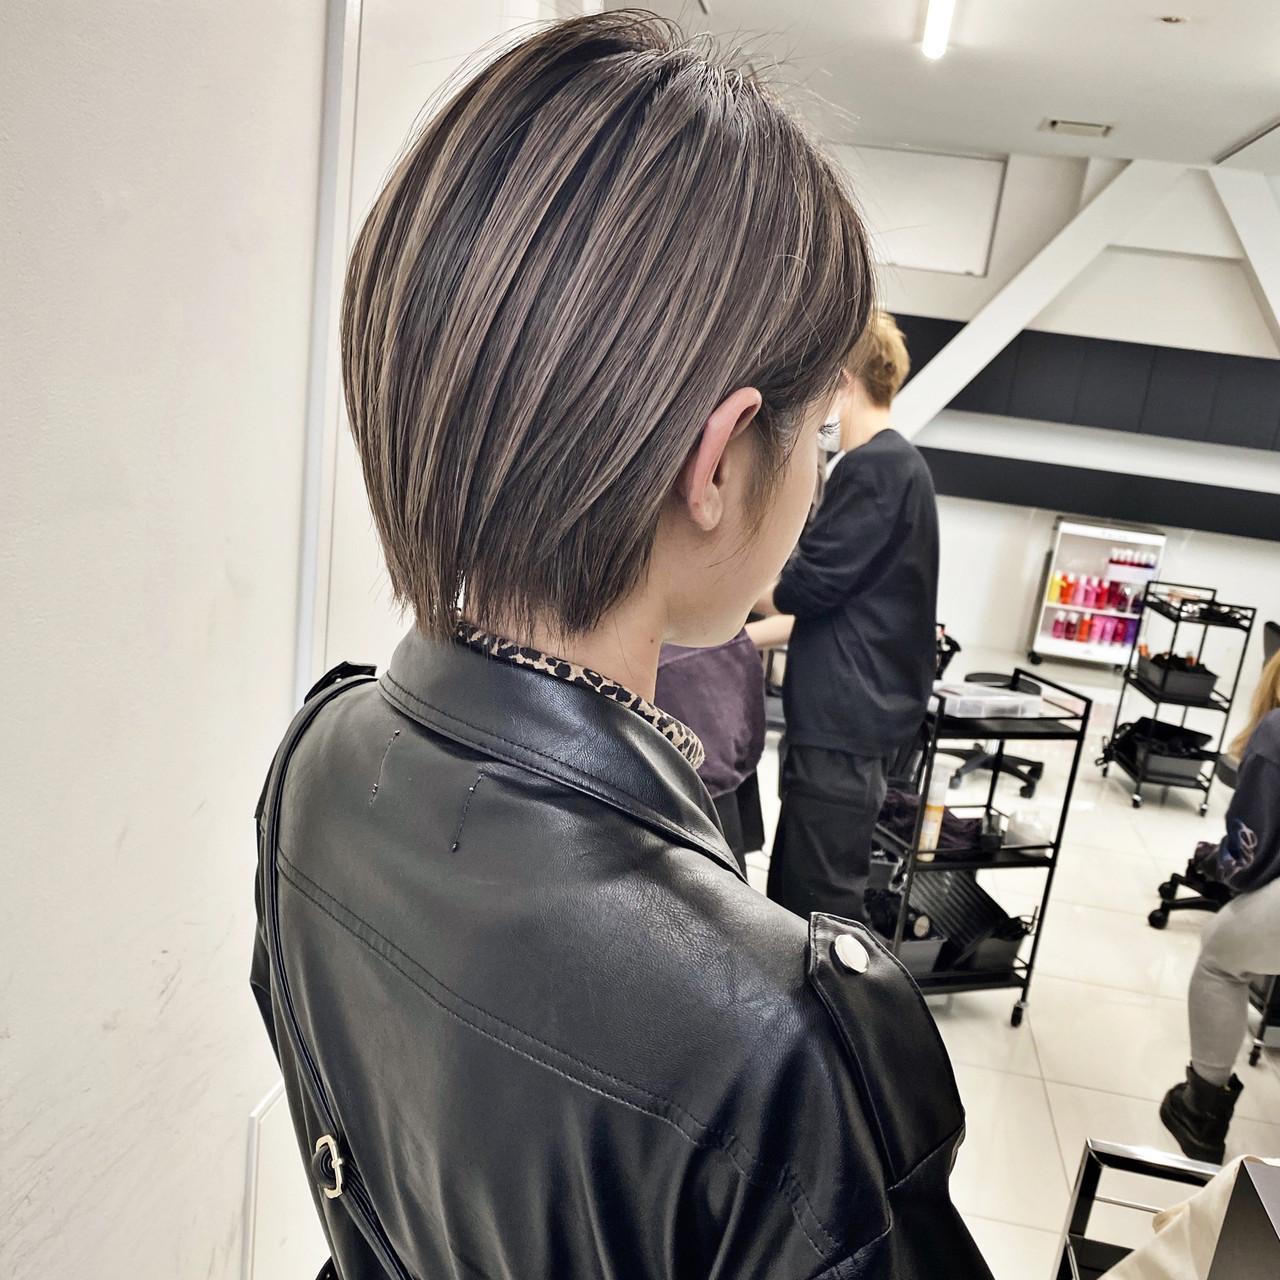 グレージュ ショートボブ ハンサムショート ラベンダーグレージュ ヘアスタイルや髪型の写真・画像